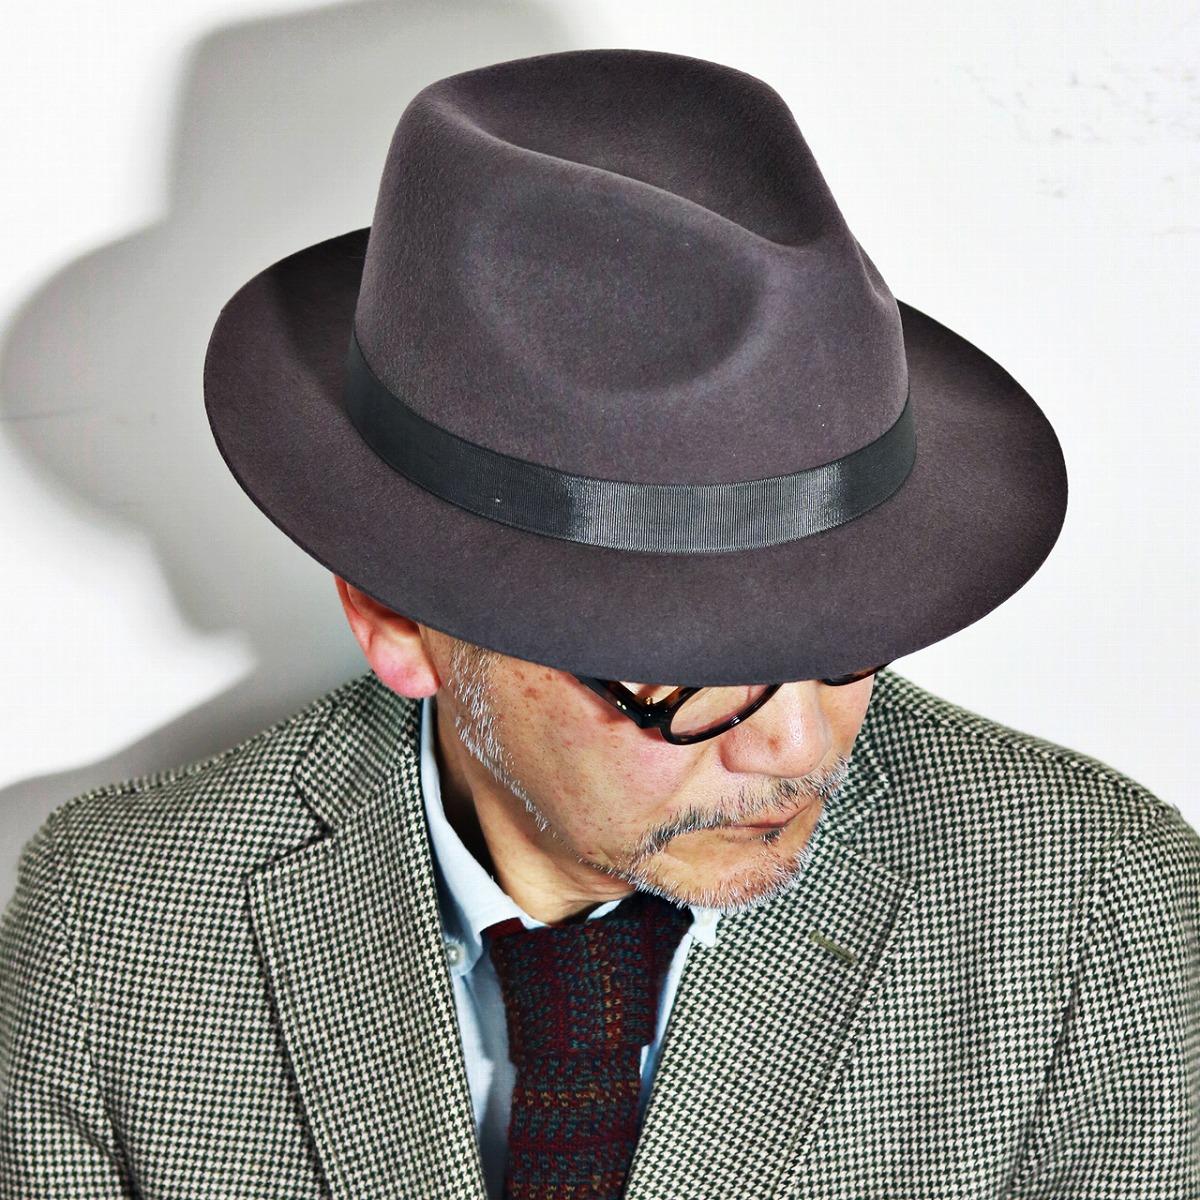 クリスティーズ ハット CHEAPSTOW CHRISTYS' LONDON フェルトハット 秋冬 クリスティーズロンドン 中折れハット 中折れ帽子 グレー[fedora](40代 50代 60代 ファッション フェルト プレゼント ギフト メンズハット メンズ帽子 ブランド帽子 リボン 紳士帽子 ぼうし)